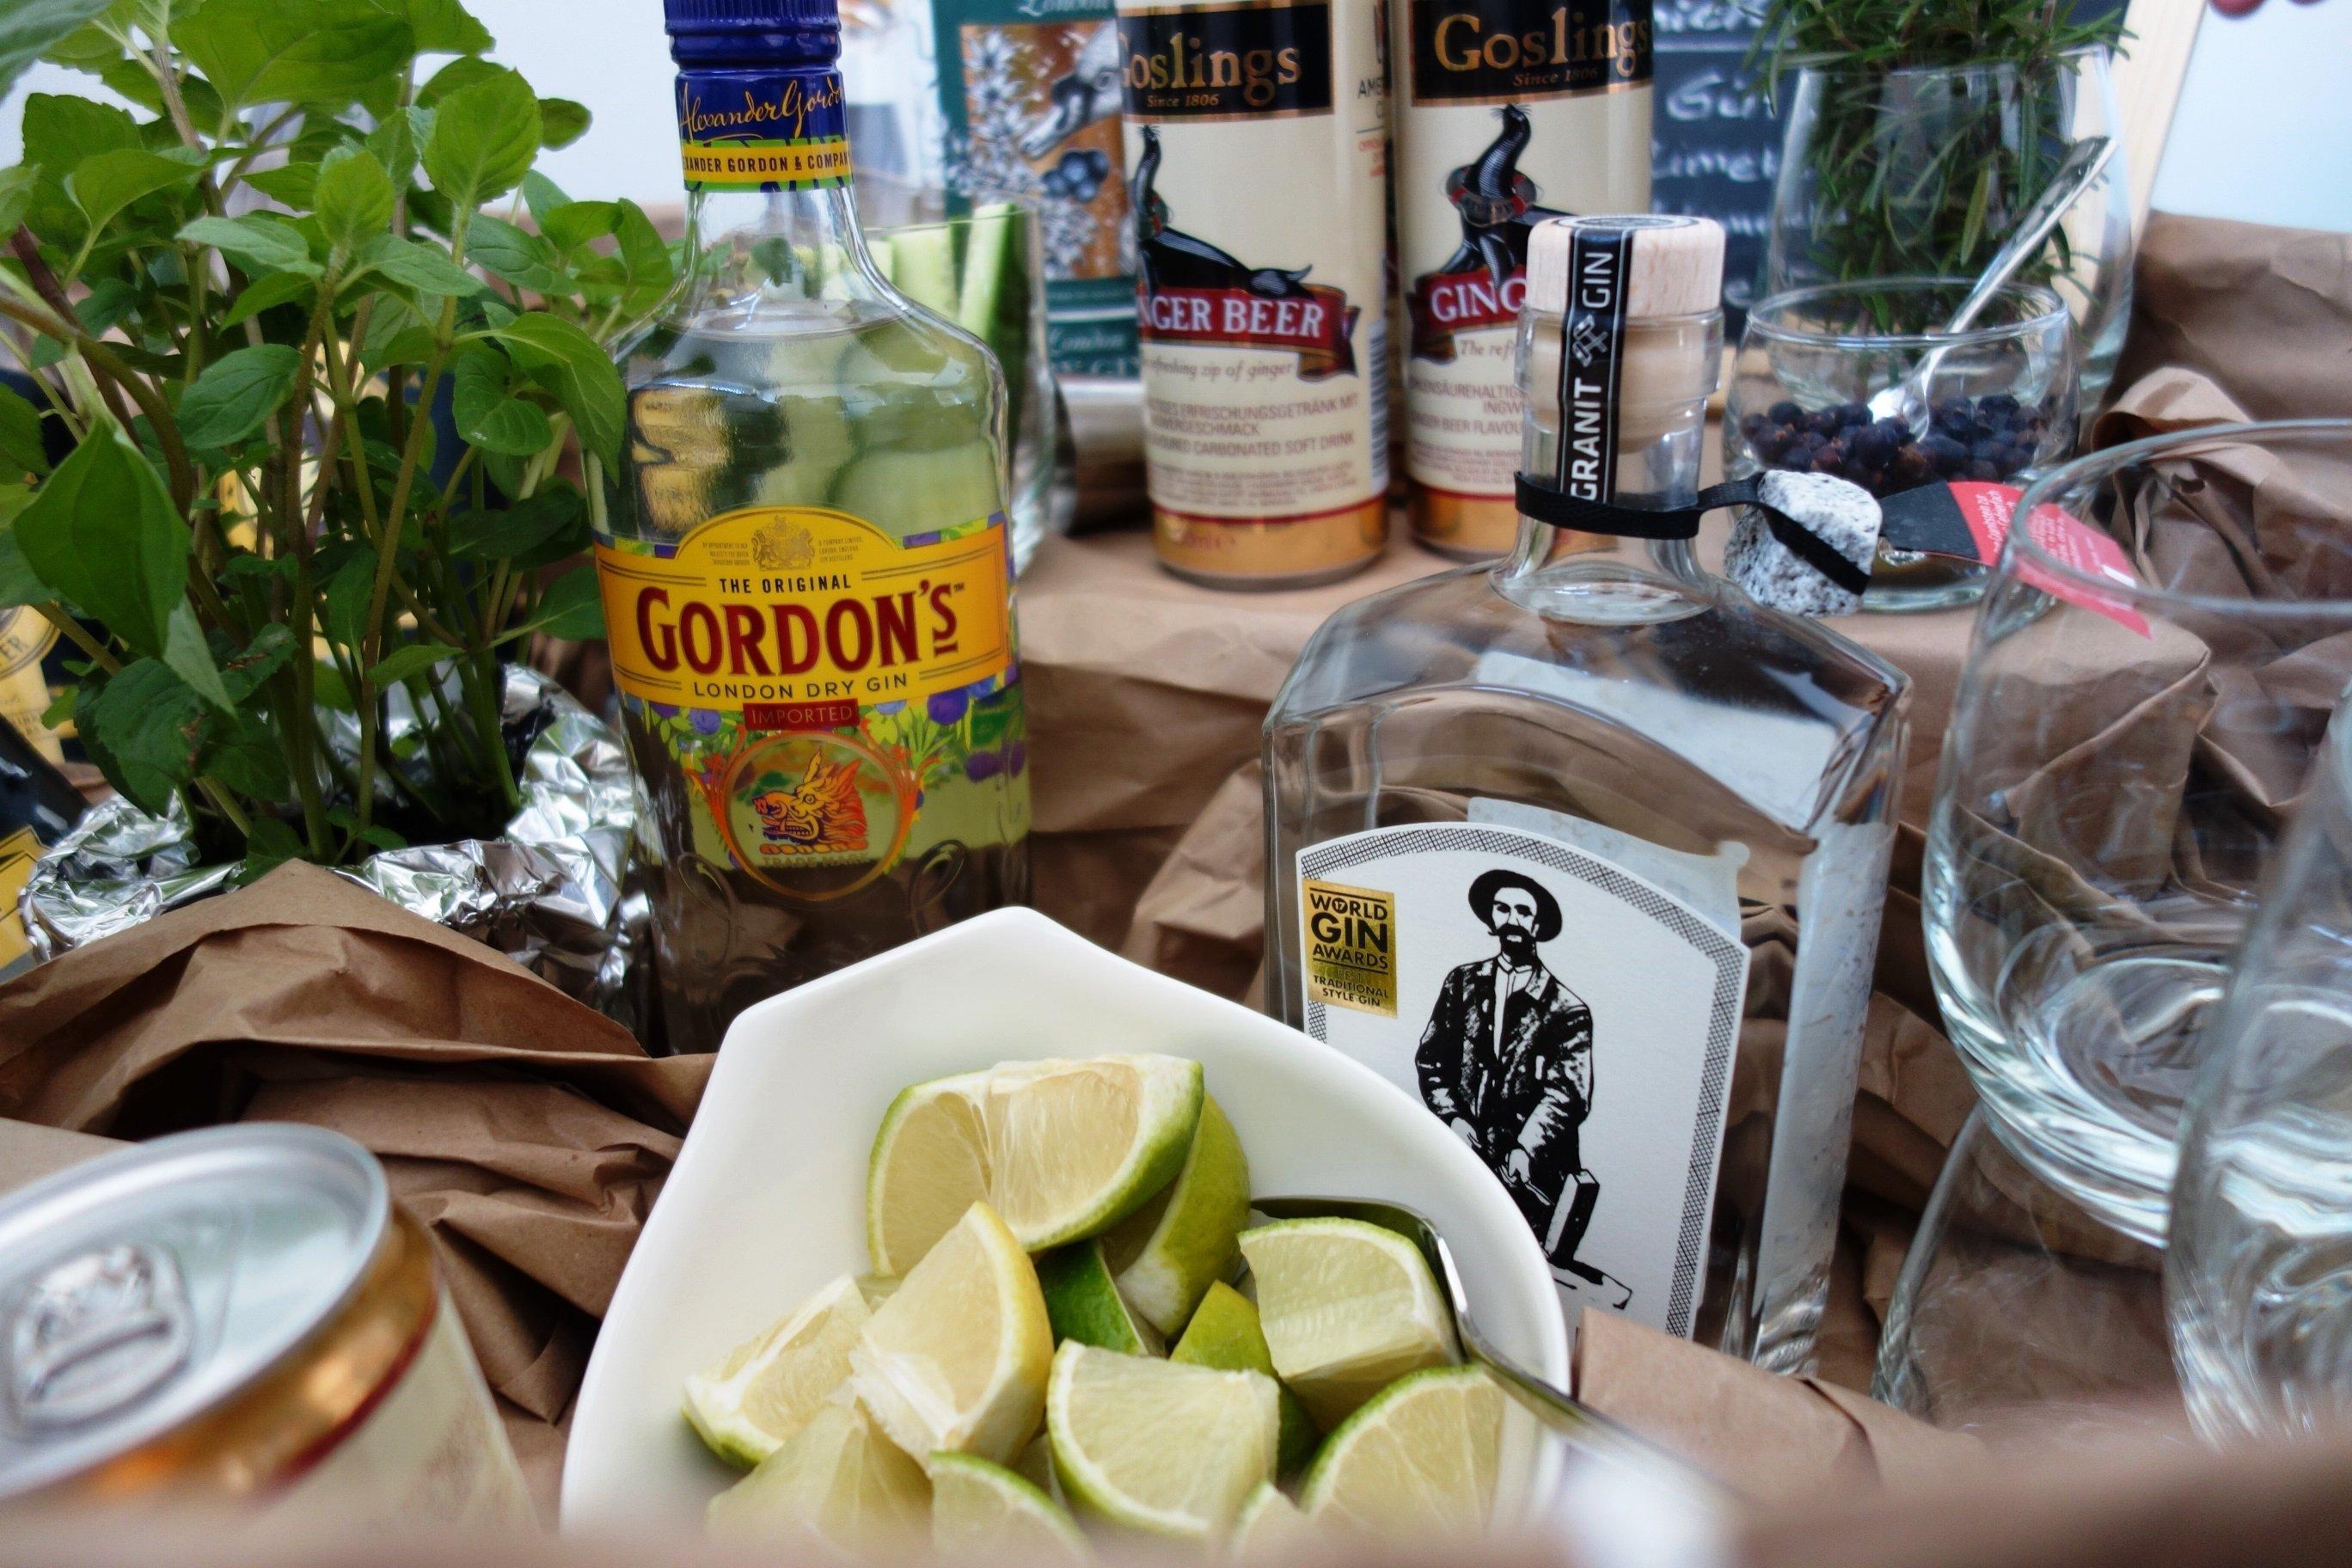 DSC00829 - Pimp your Gin! Eine Gin-Bar für die Feier